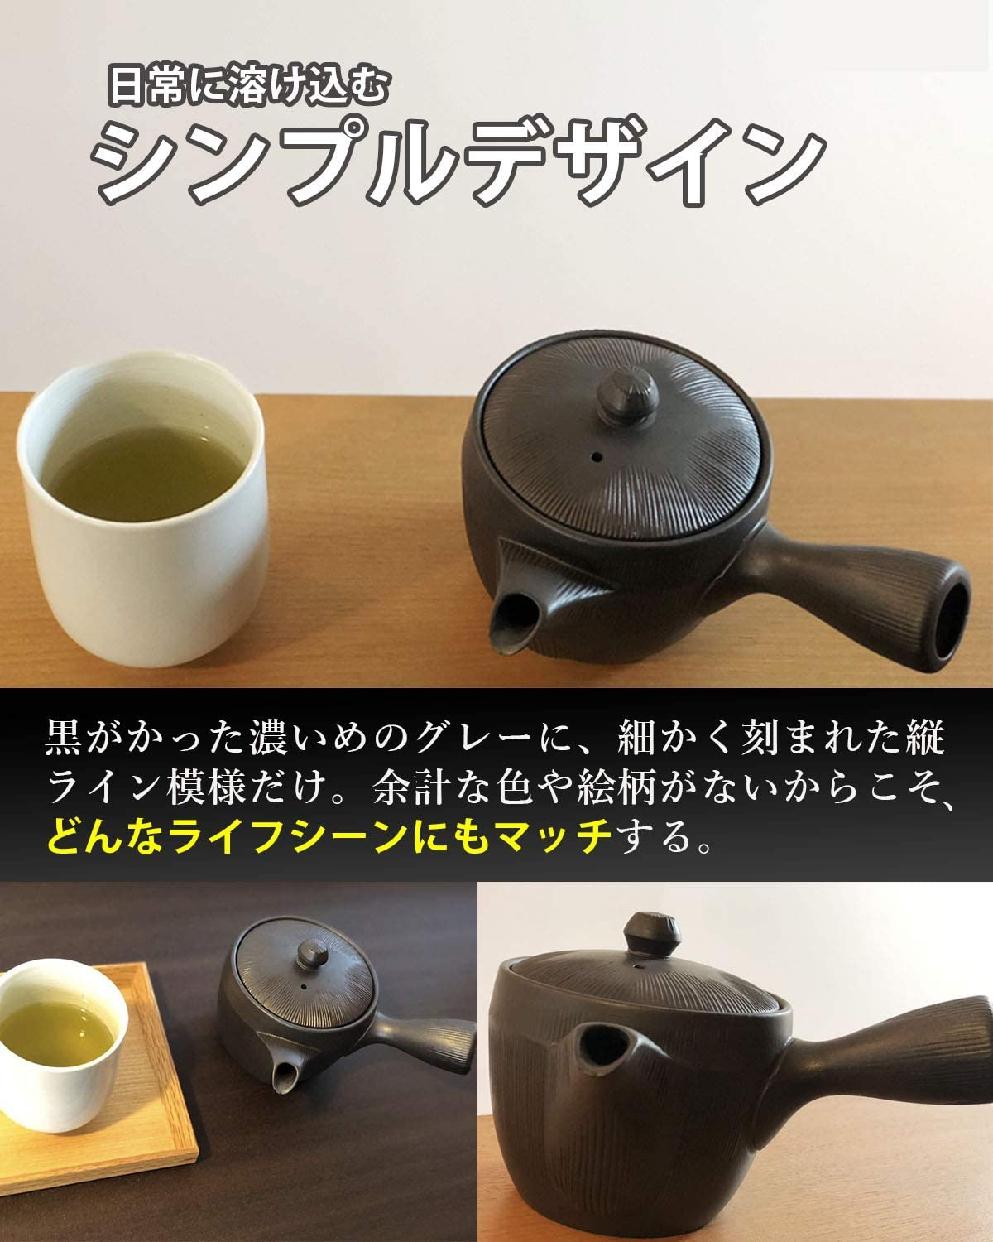 きつさこ 味がまろやかになる 湯キレ急須 萬古焼き 黒の商品画像4